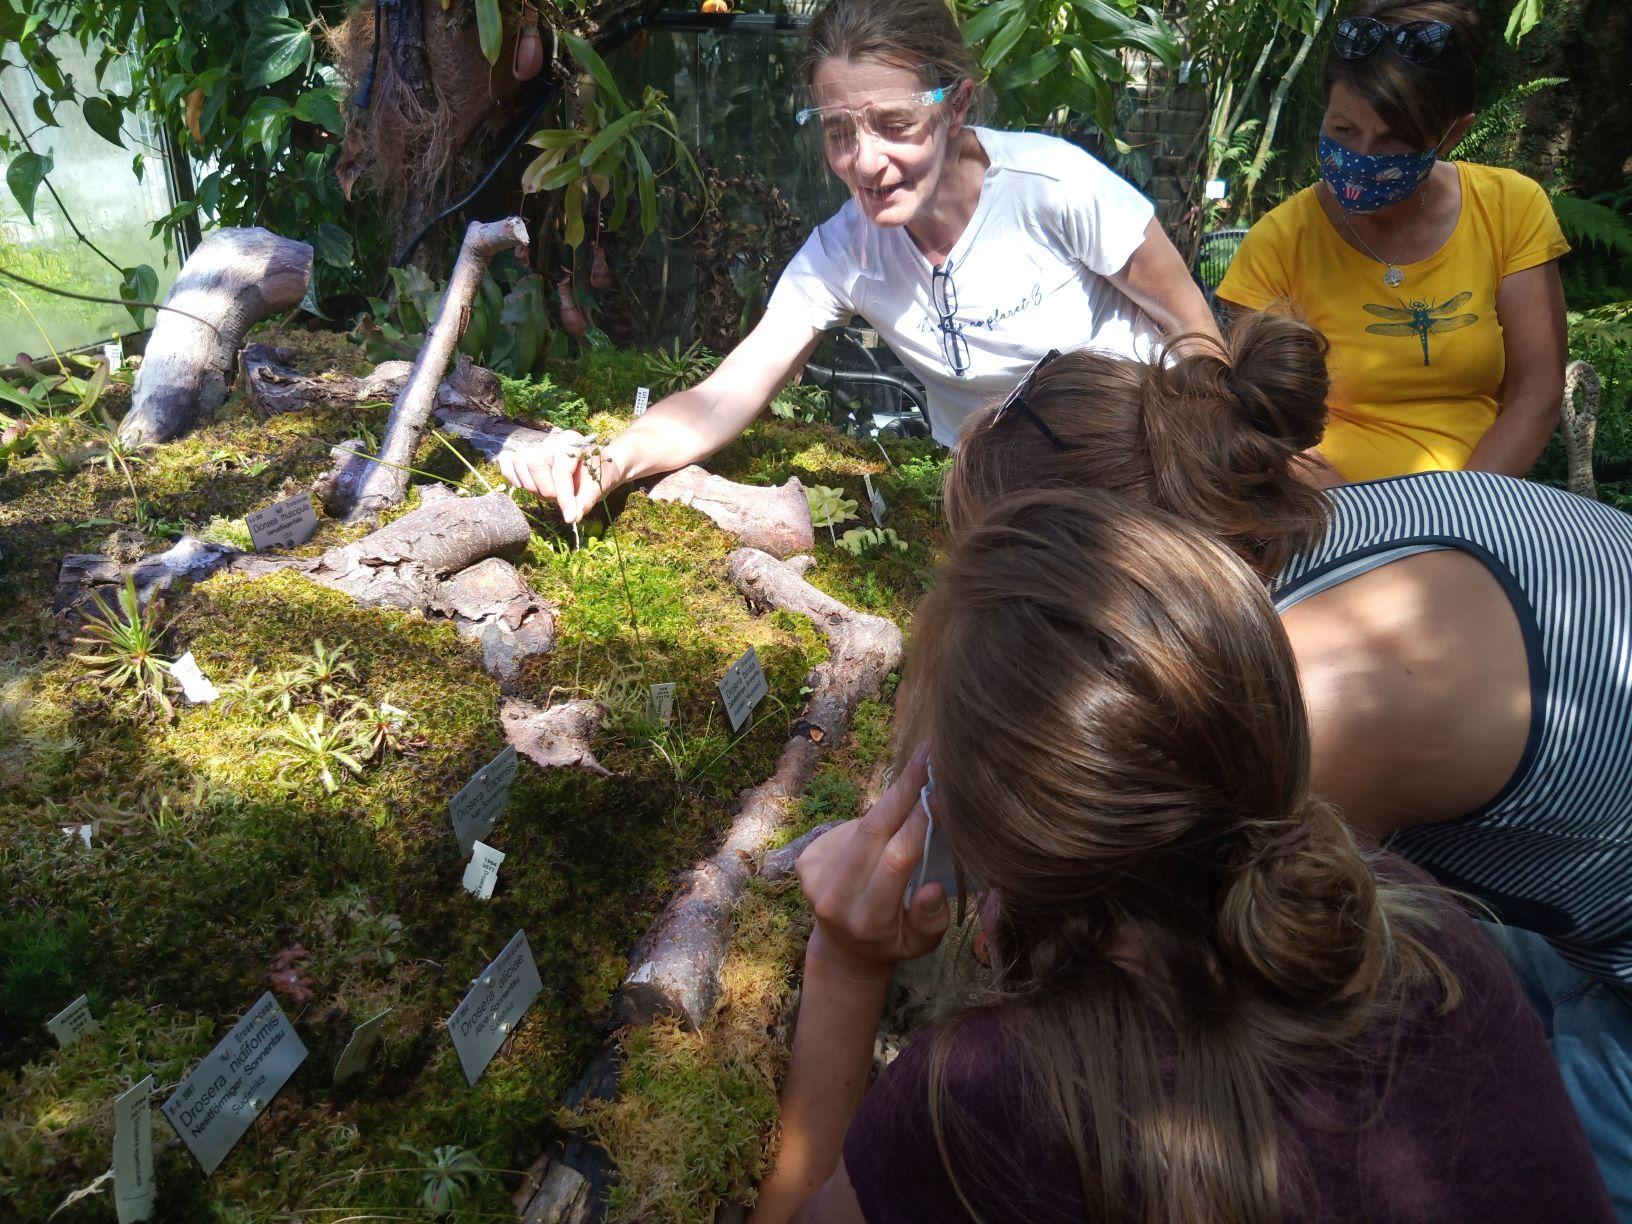 Der Tiroler Naturführerkurs Kann Endlich Starten – Gruppe 2 Im Botanischen Garten, 4. Juli 2020